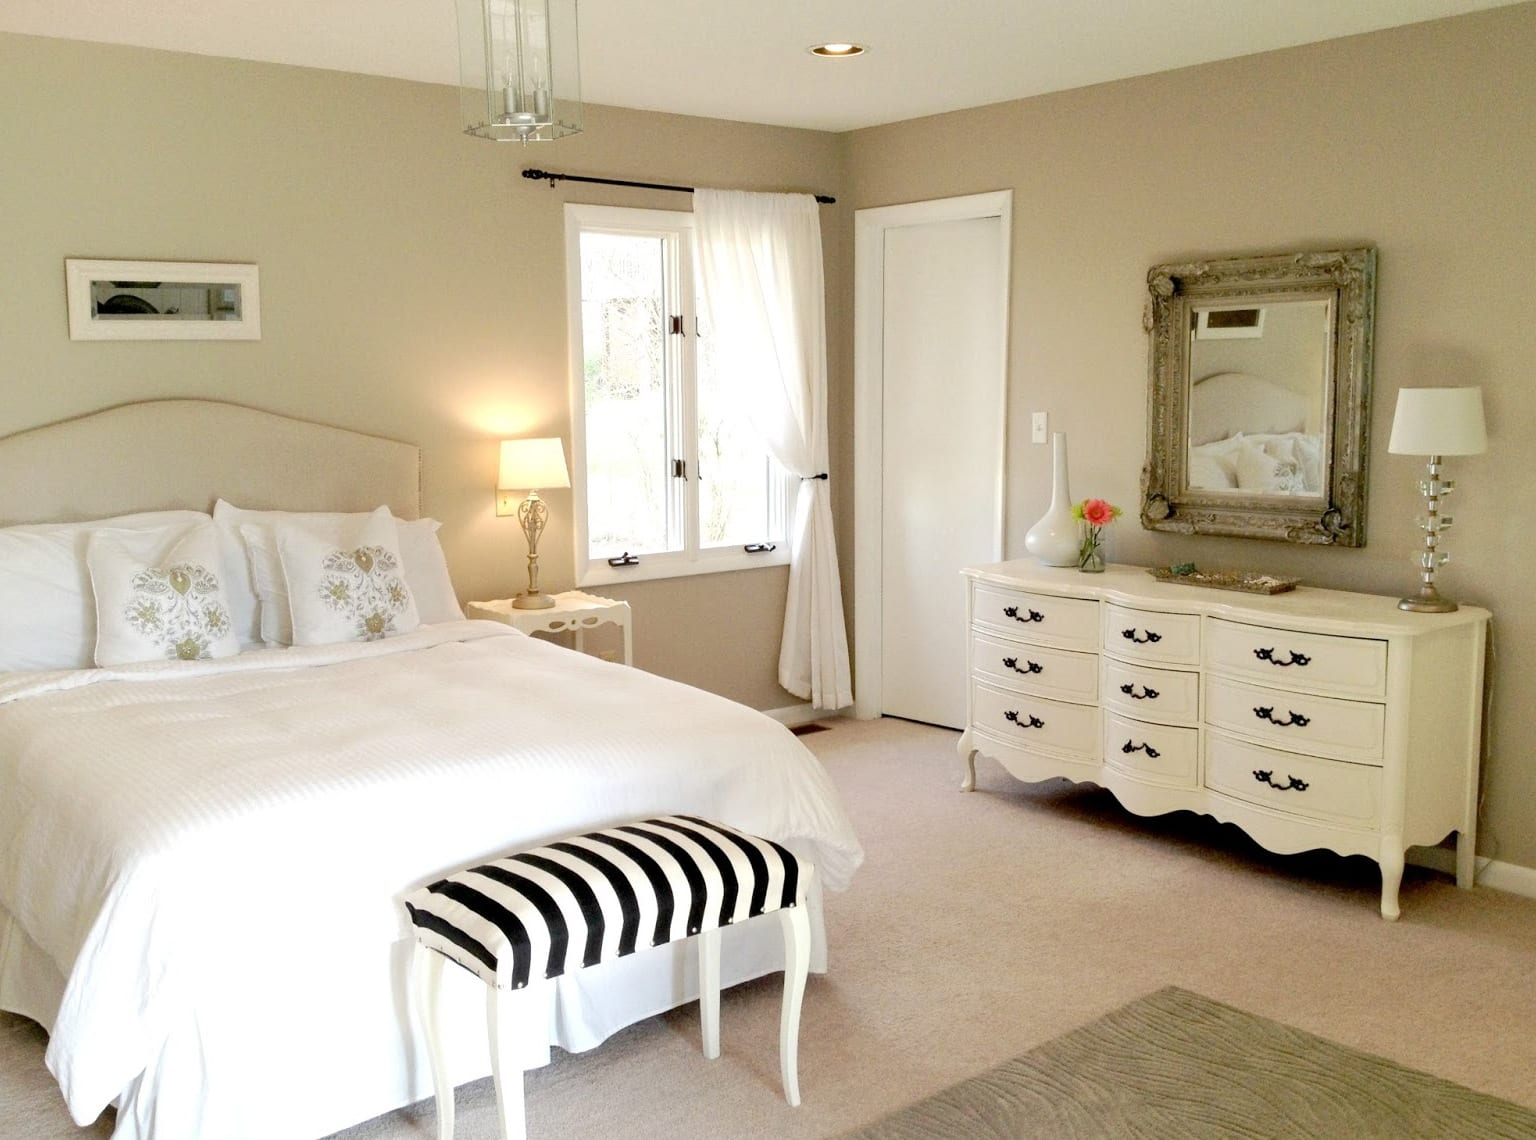 ideen wohnzimmer wandfarbe : Elegante Deko Idee Schlafzimmer Und Farbgestaltung In Wei Schwarz